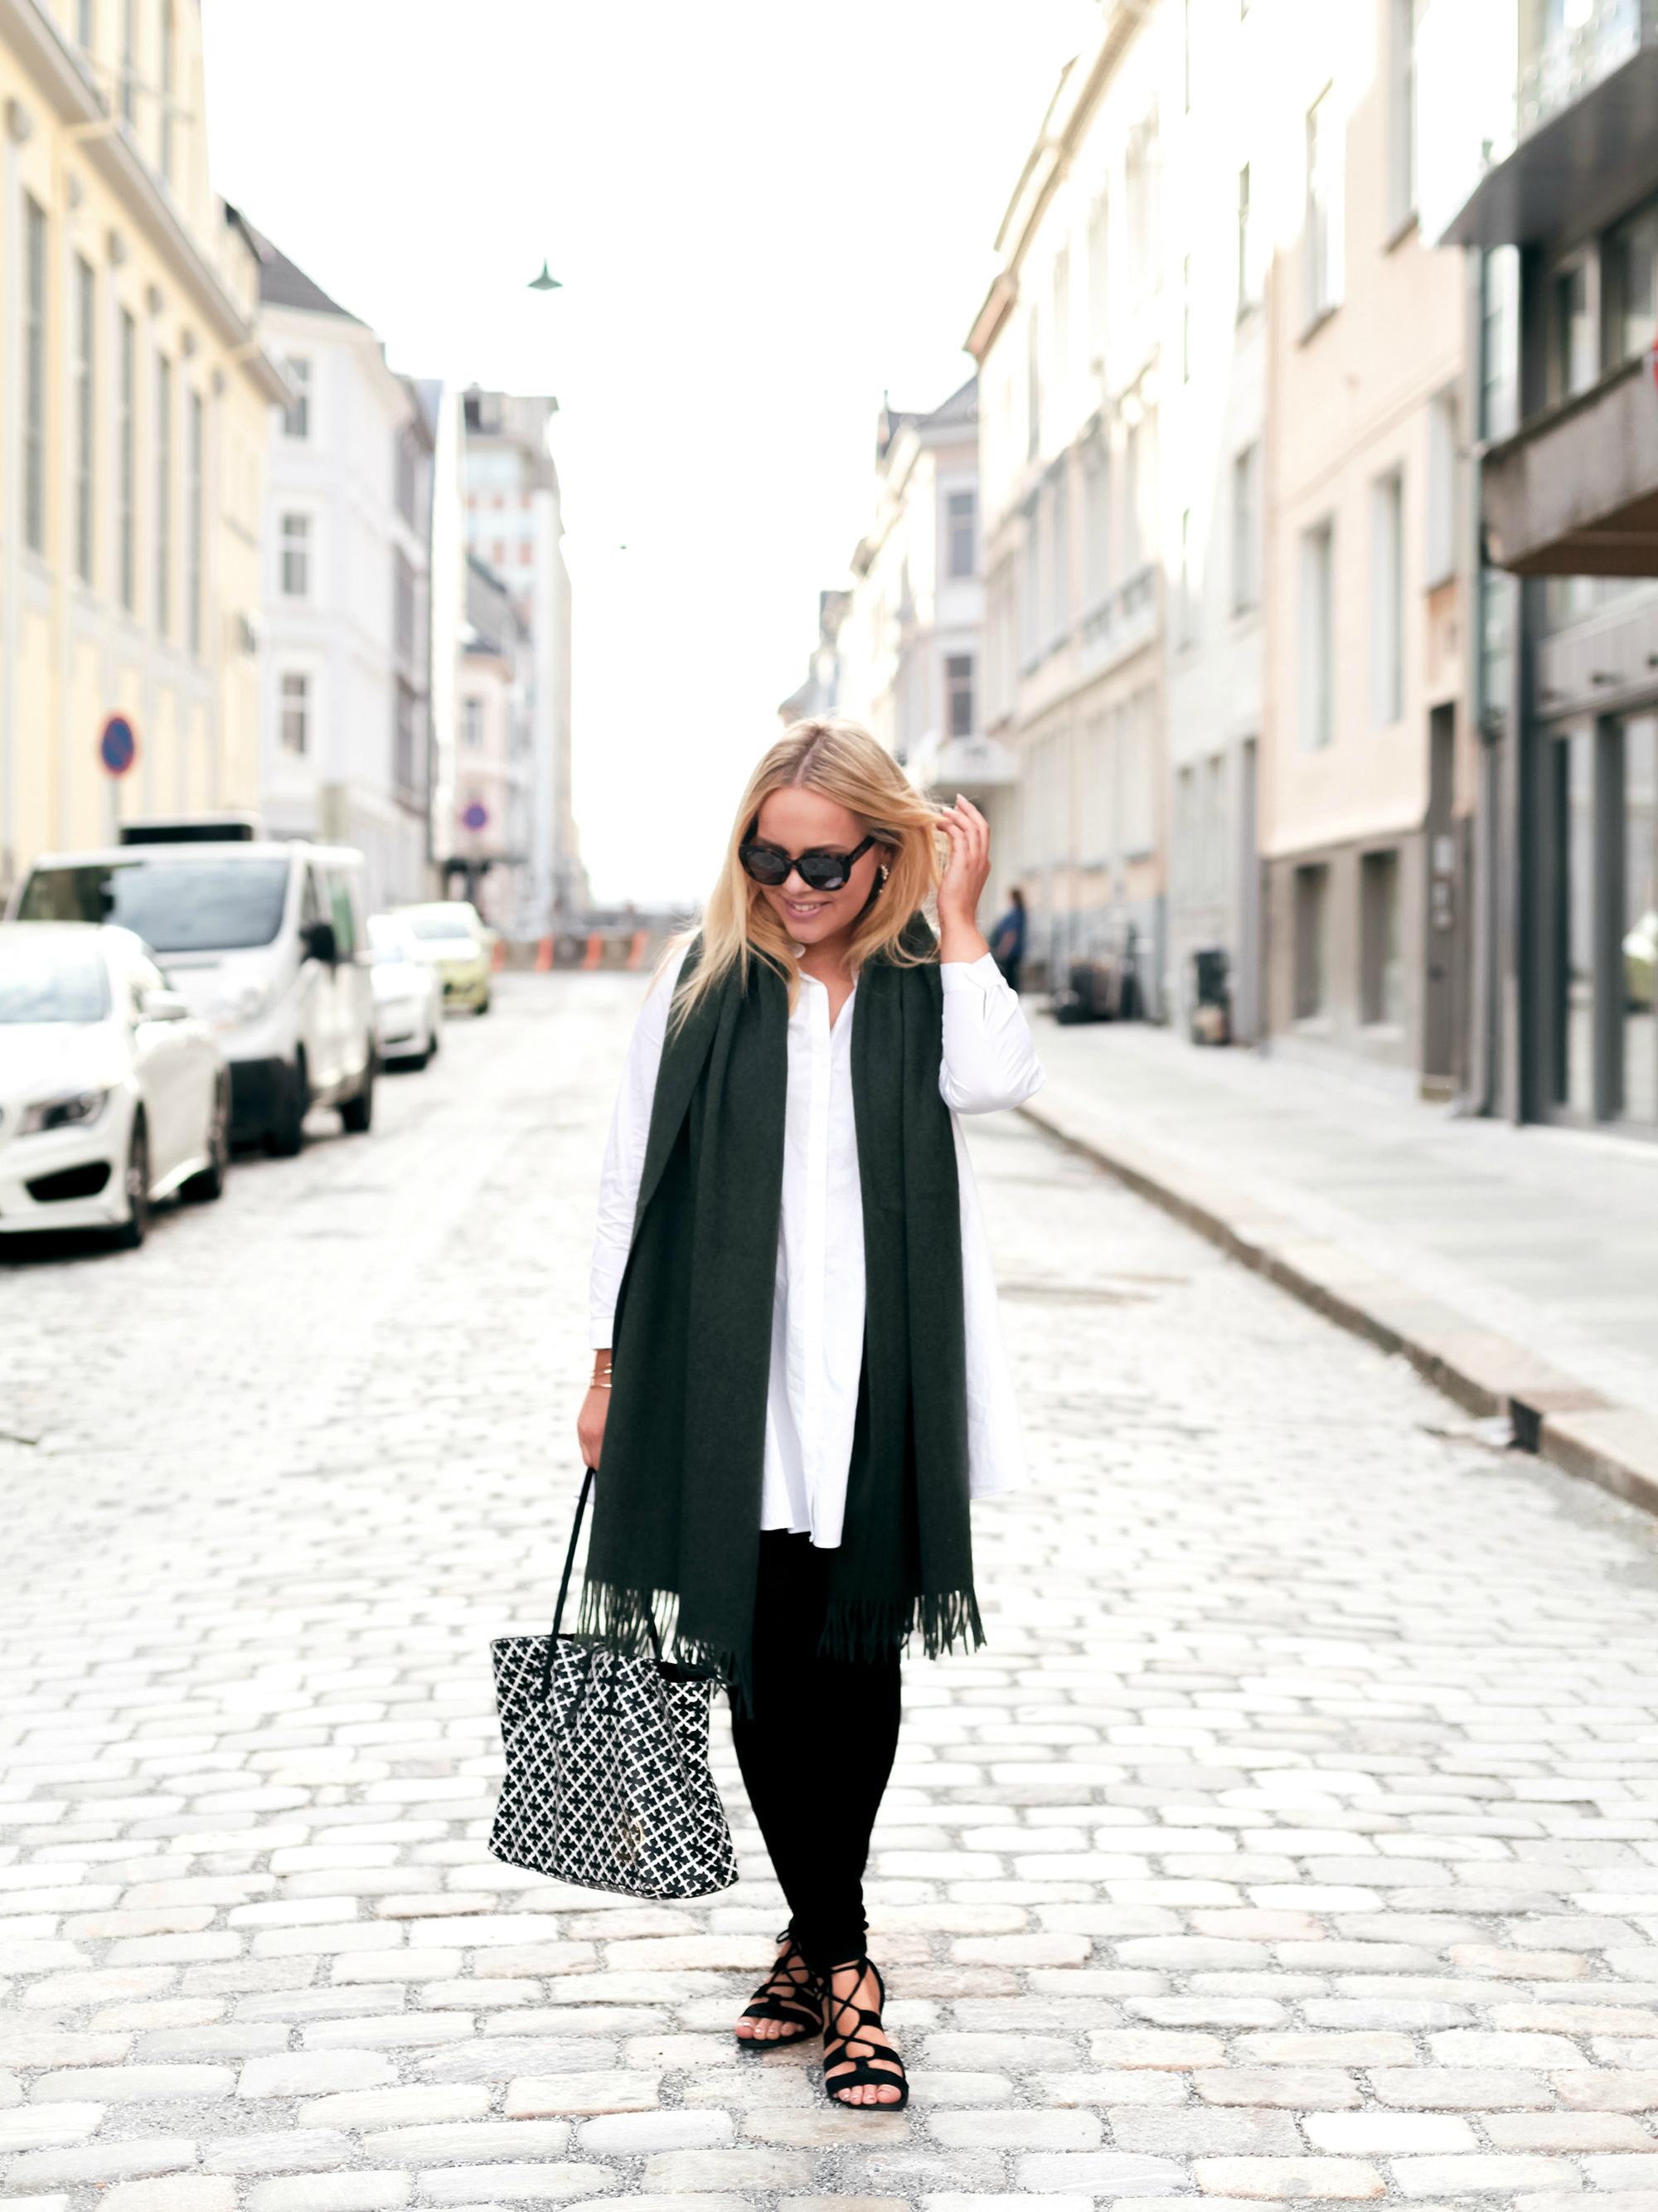 danske jenter som ser etter menn i arvika